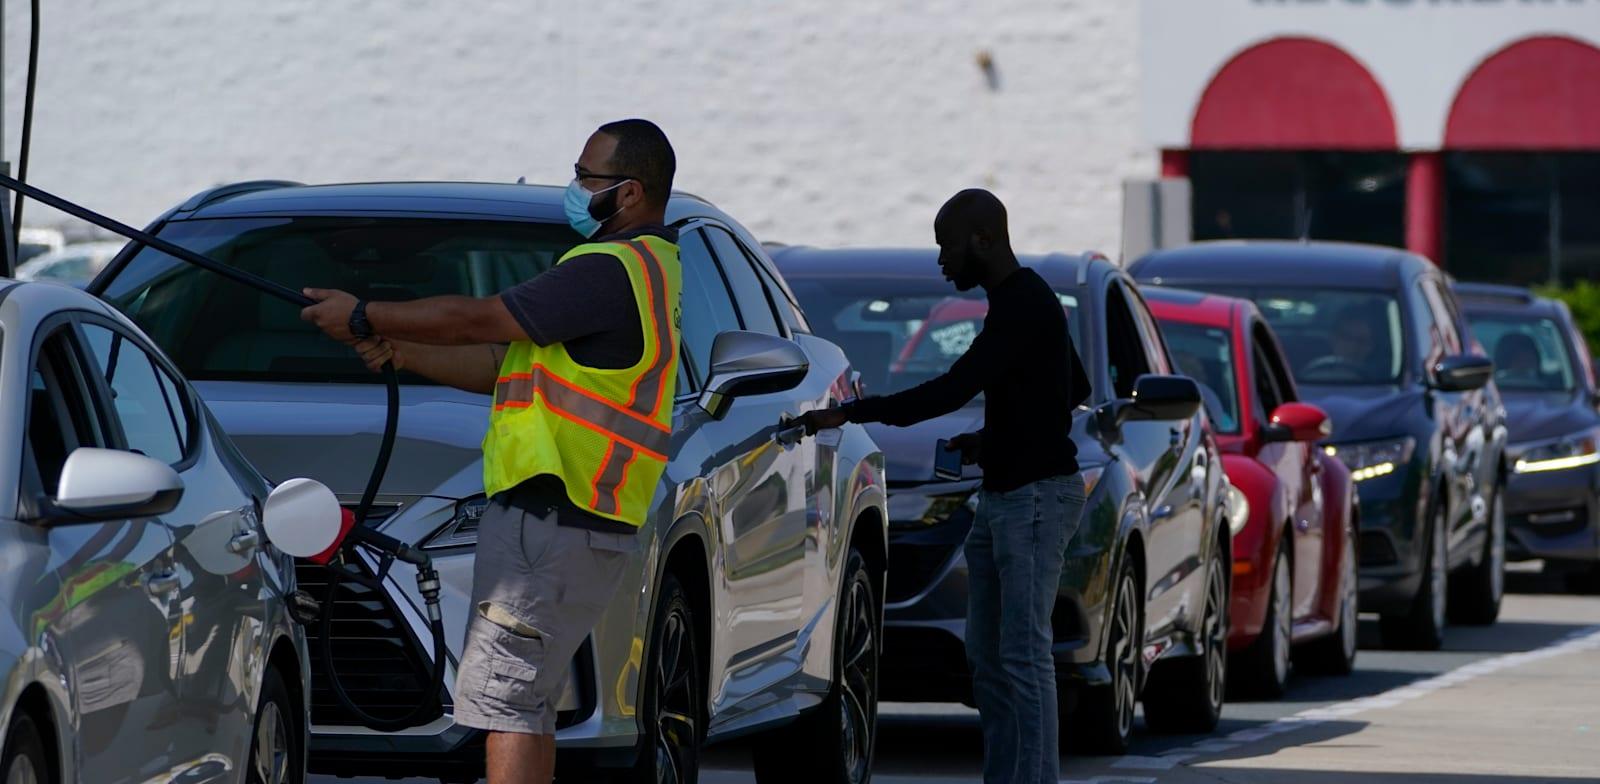 מכוניות בתור לתדלוק לאחר שהמחירים החלו לזנק לאחר מתקפת הסייבר, מאי / צילום: Associated Press, Chris Carlson